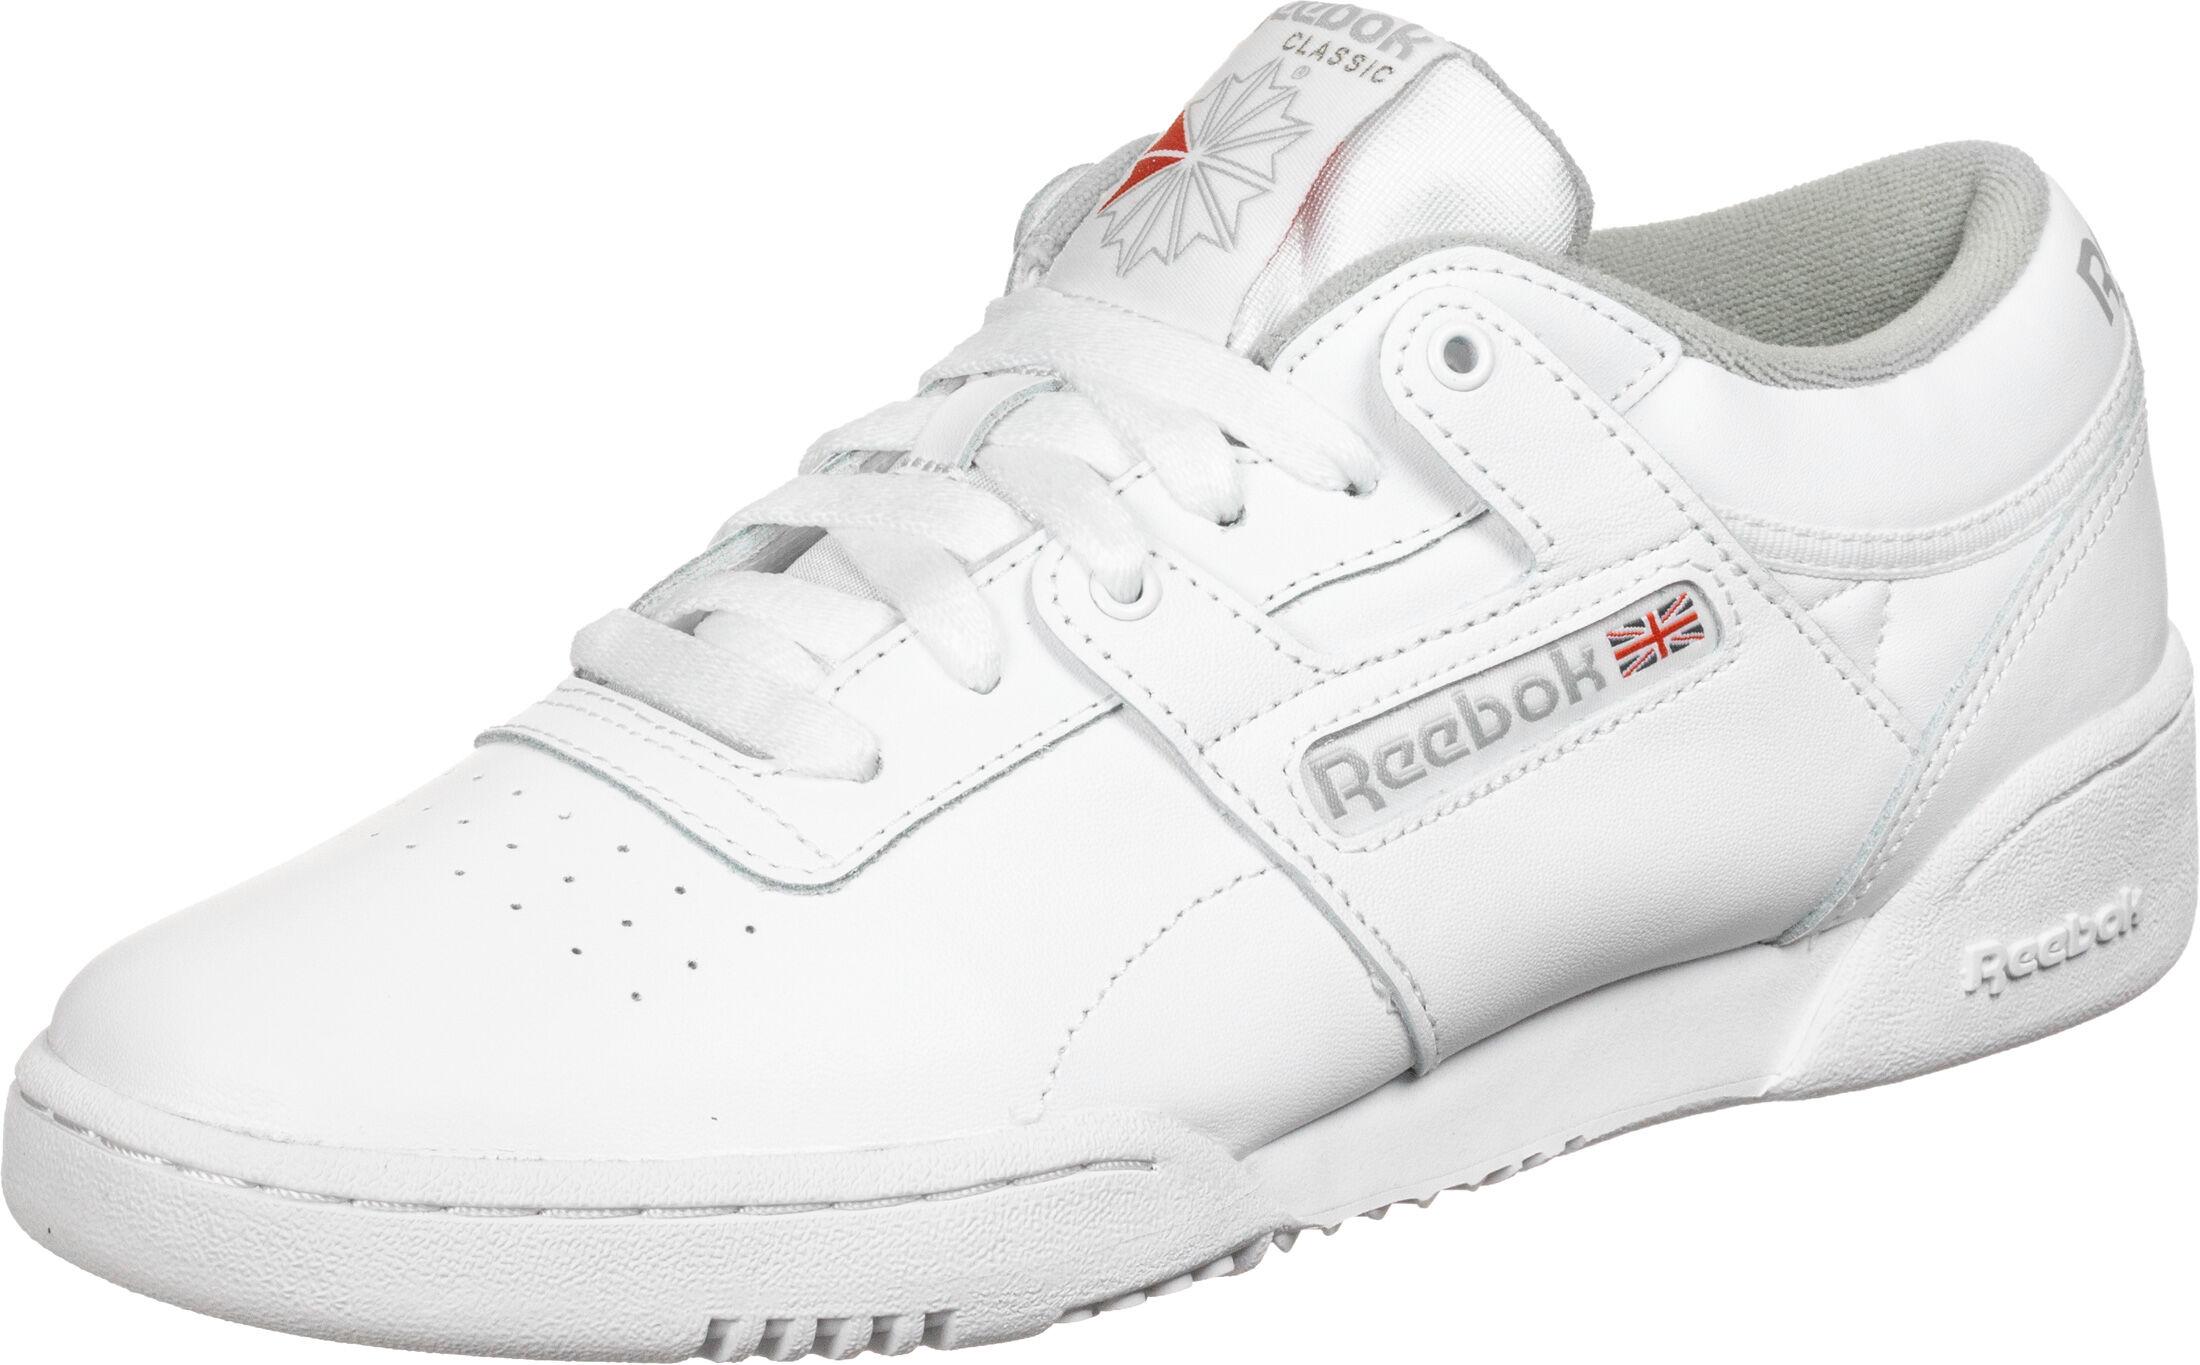 Reebok Workout Low Schuhe weiß CN0636